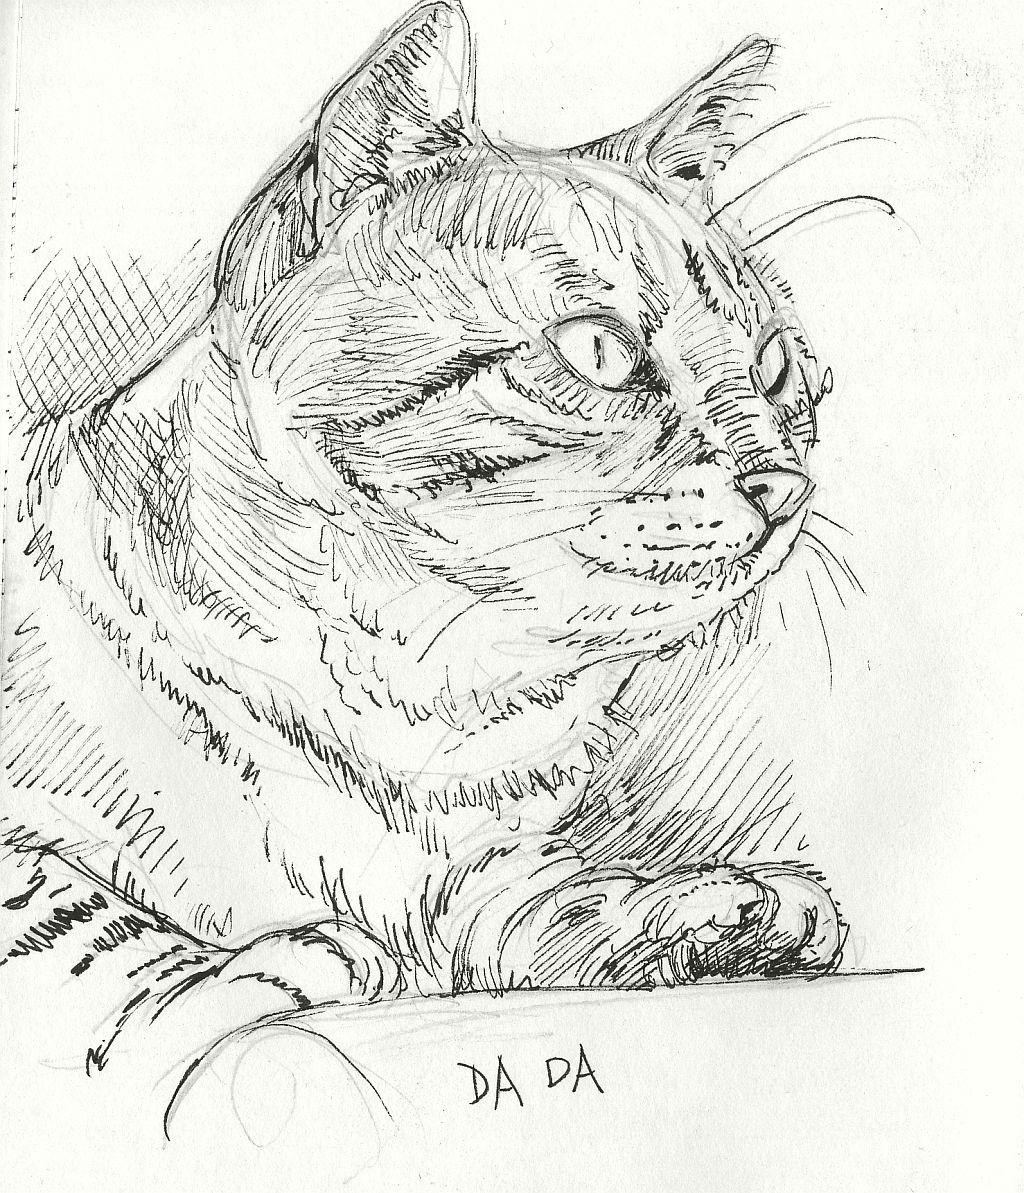 dada-sketch-by-mark.jpg